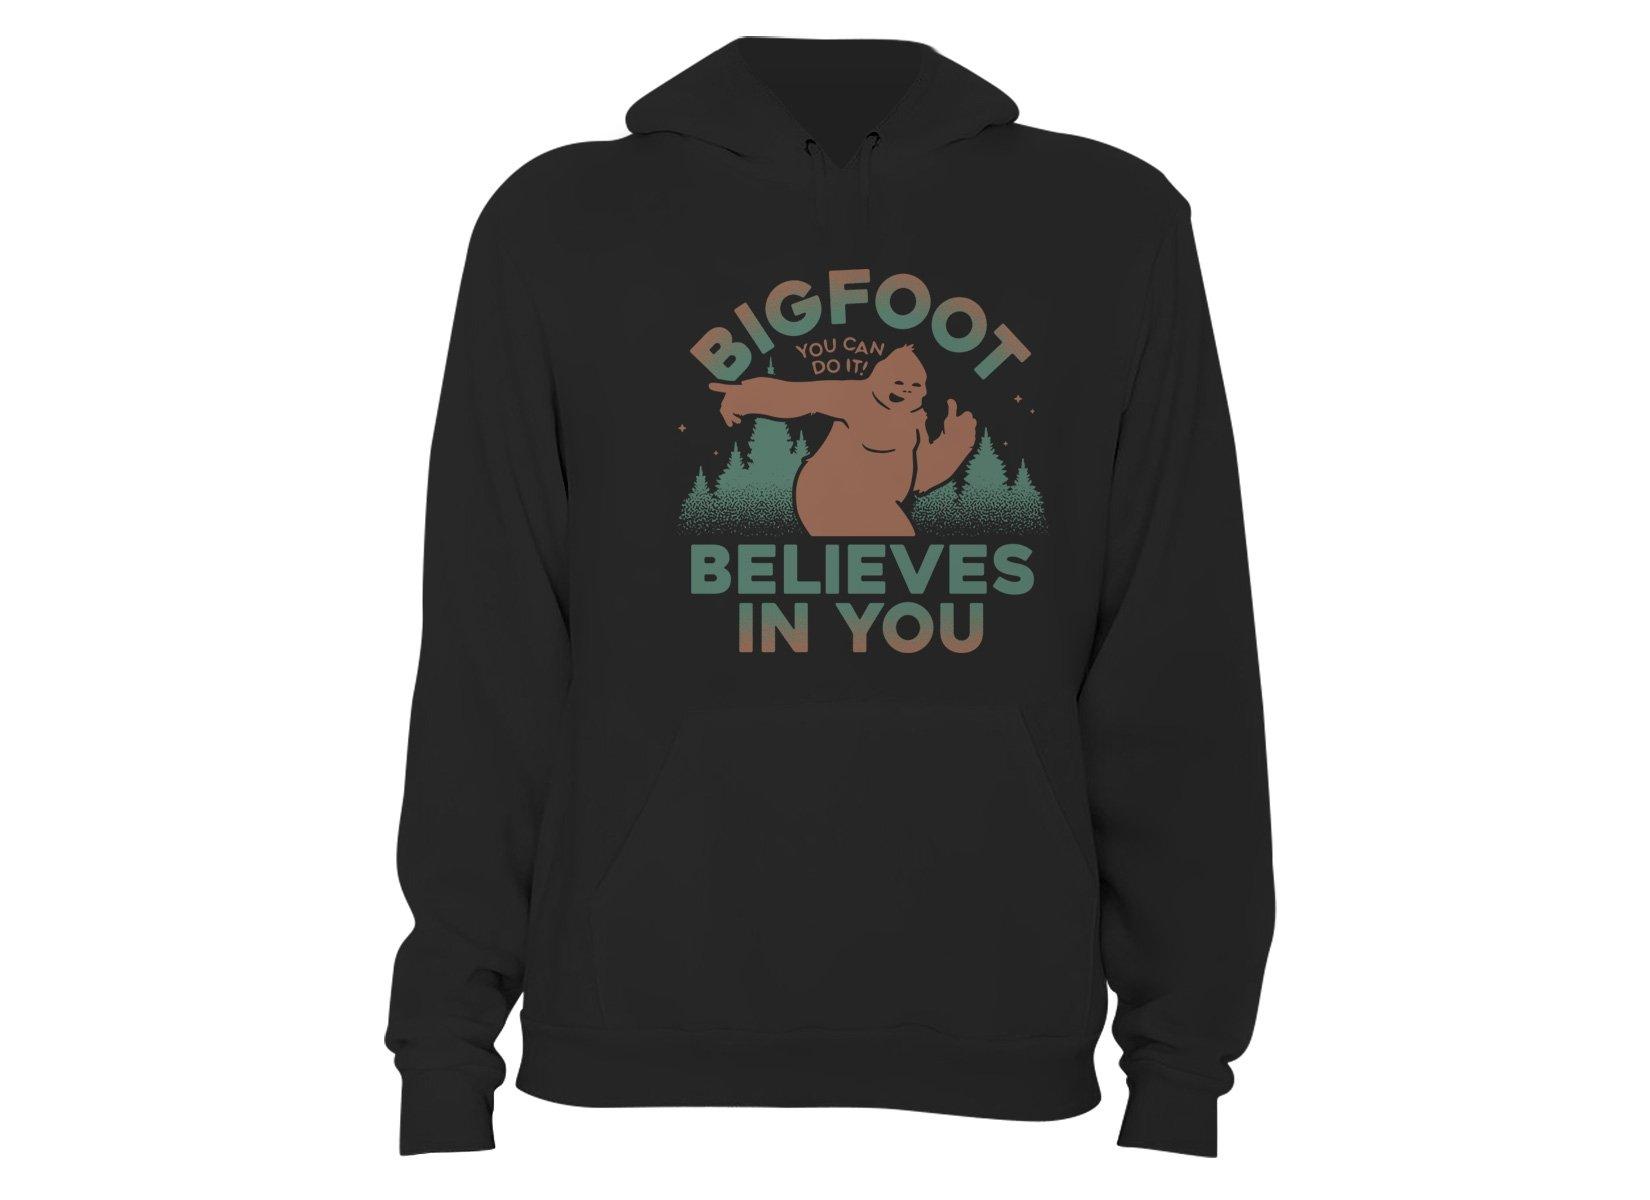 Bigfoot Believes In You on Hoodie